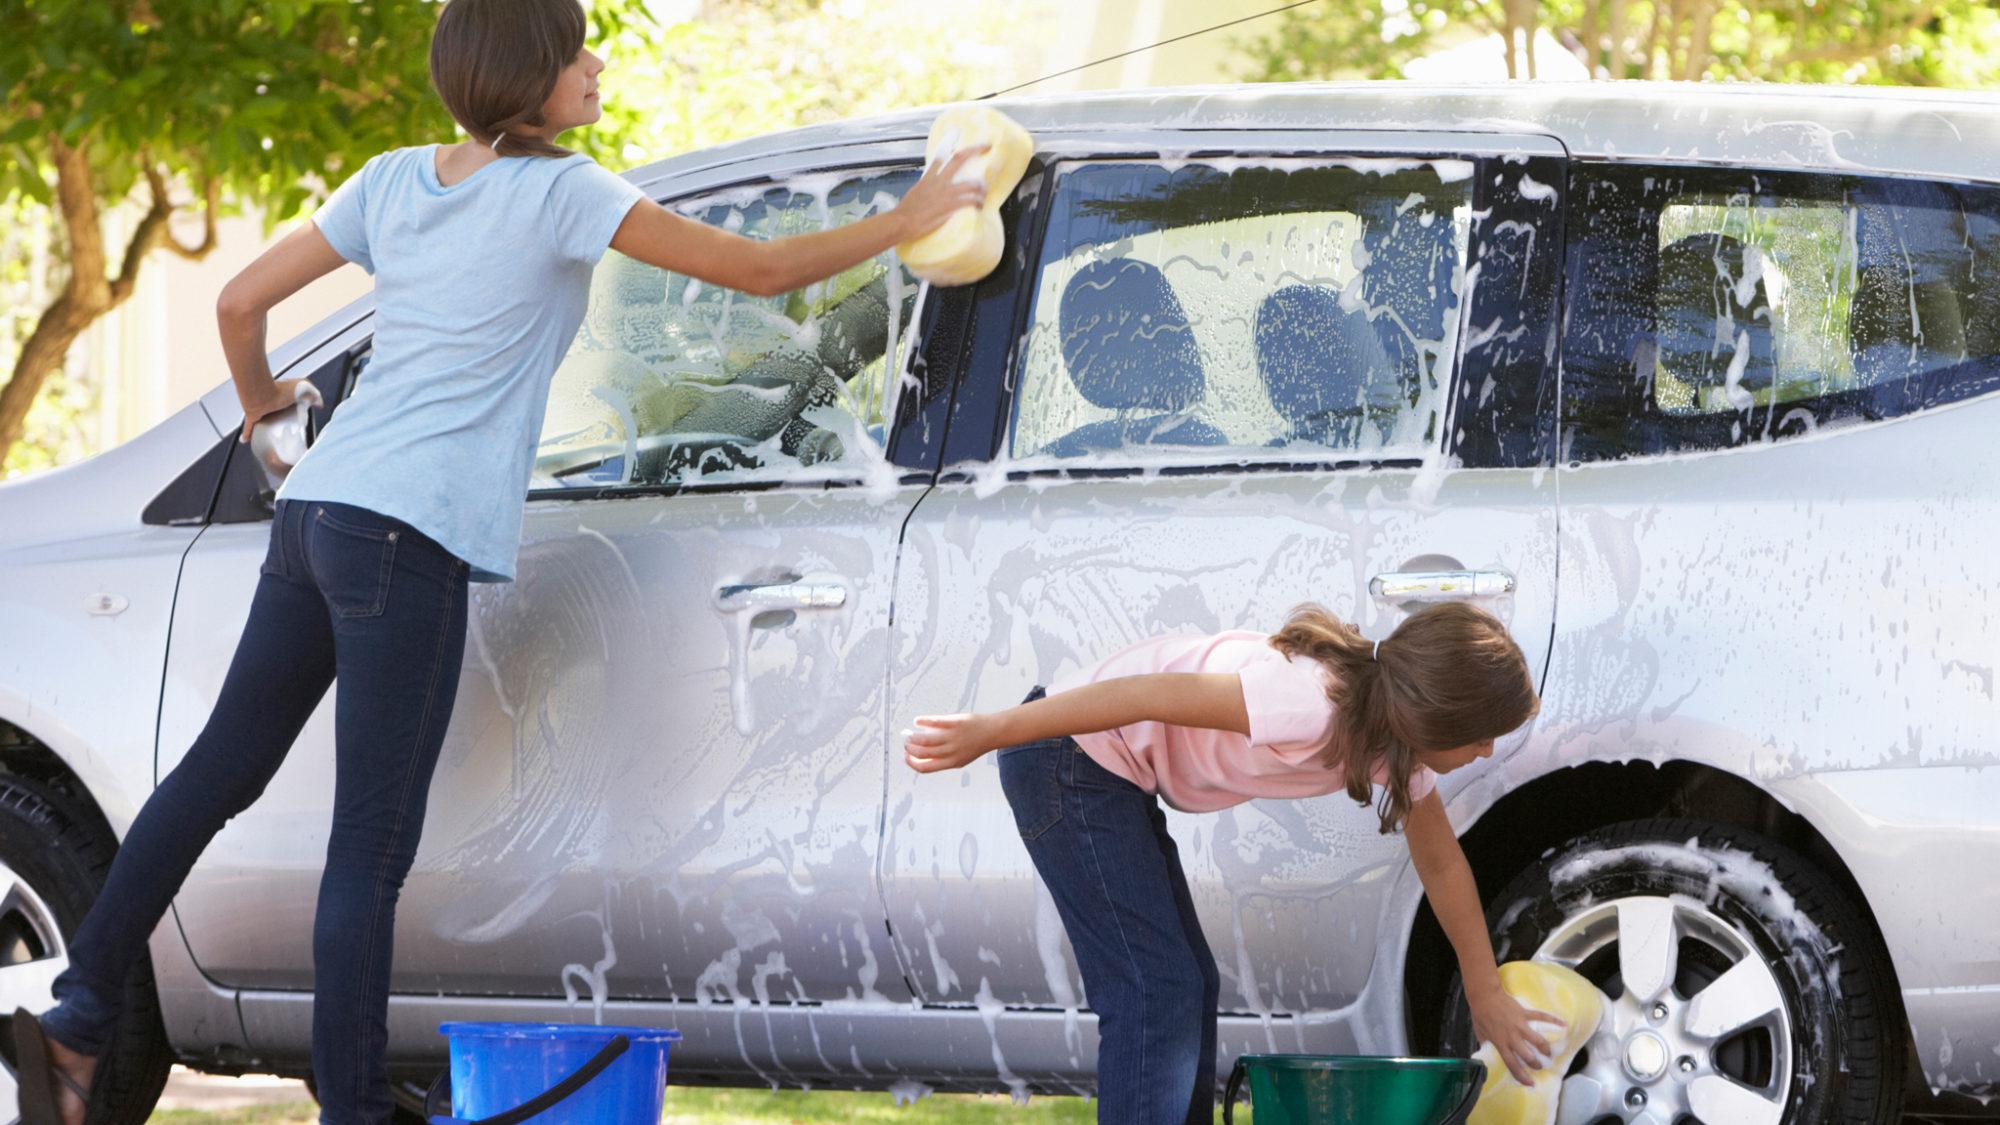 Carro bem lavado e limpo mais tempo